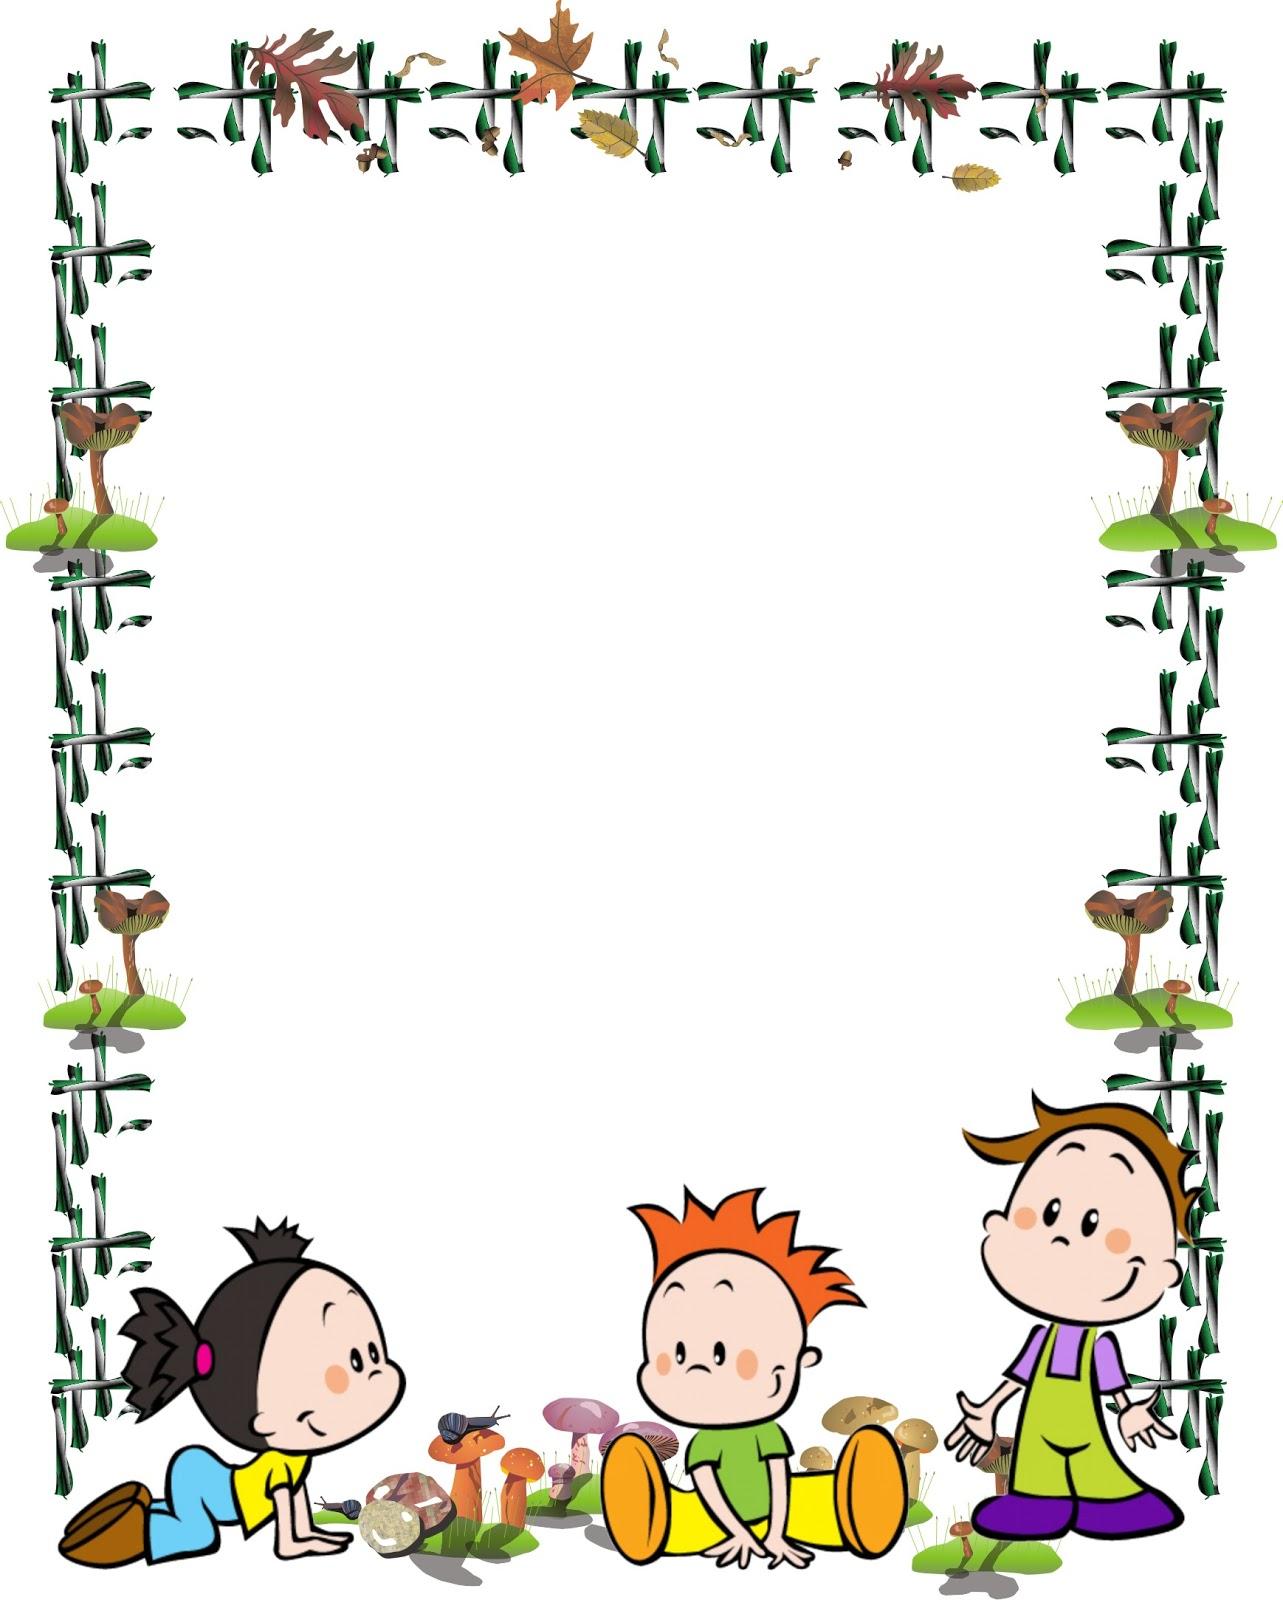 Bordes decorativos para niños gratis - Imagui